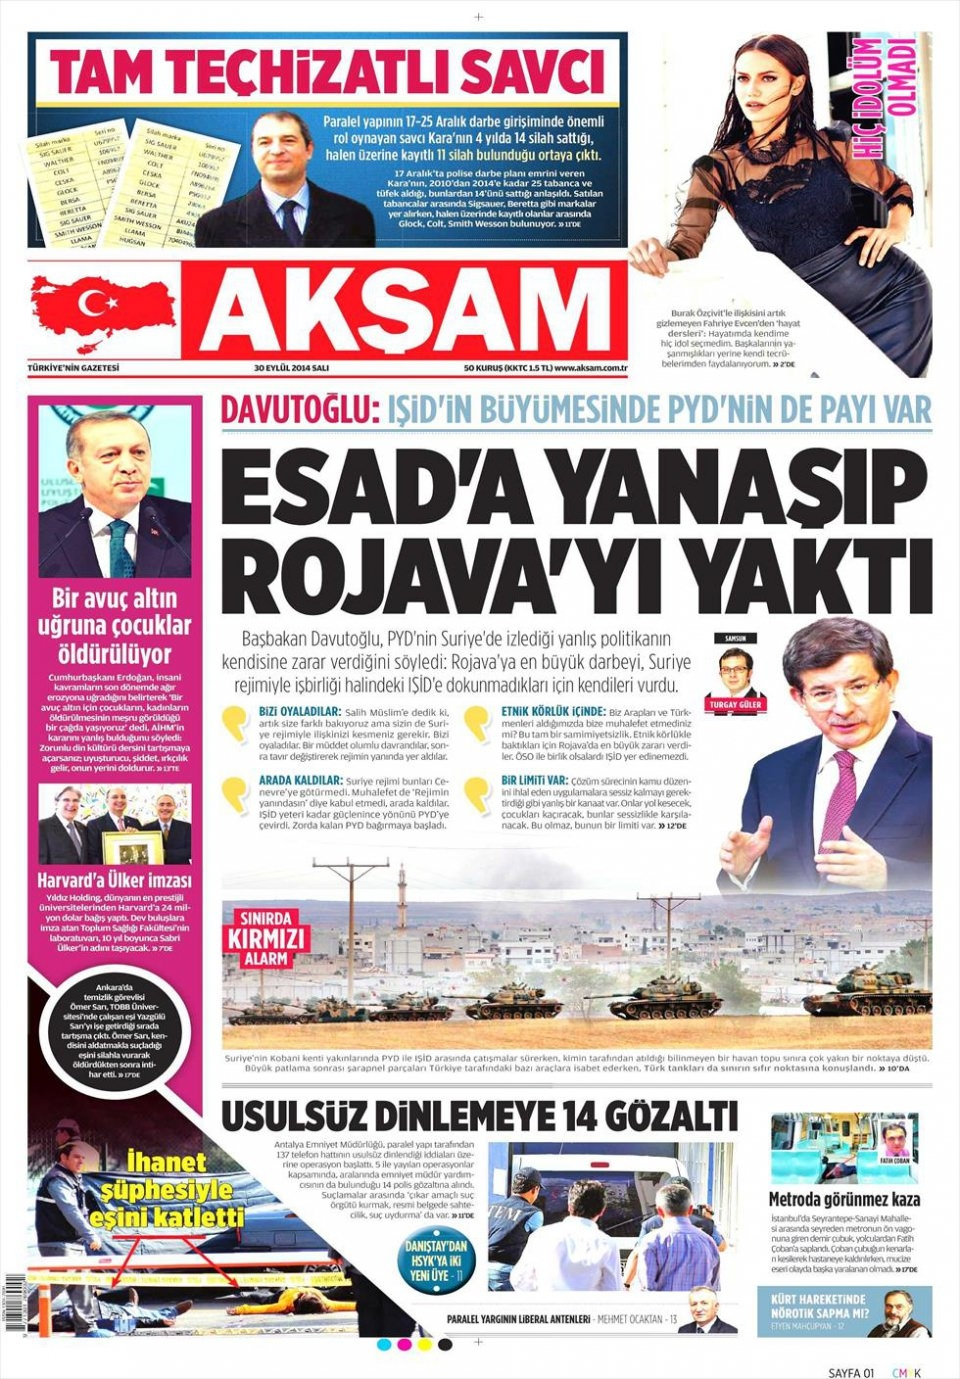 30 Eylül 2014 gazete manşetleri 1